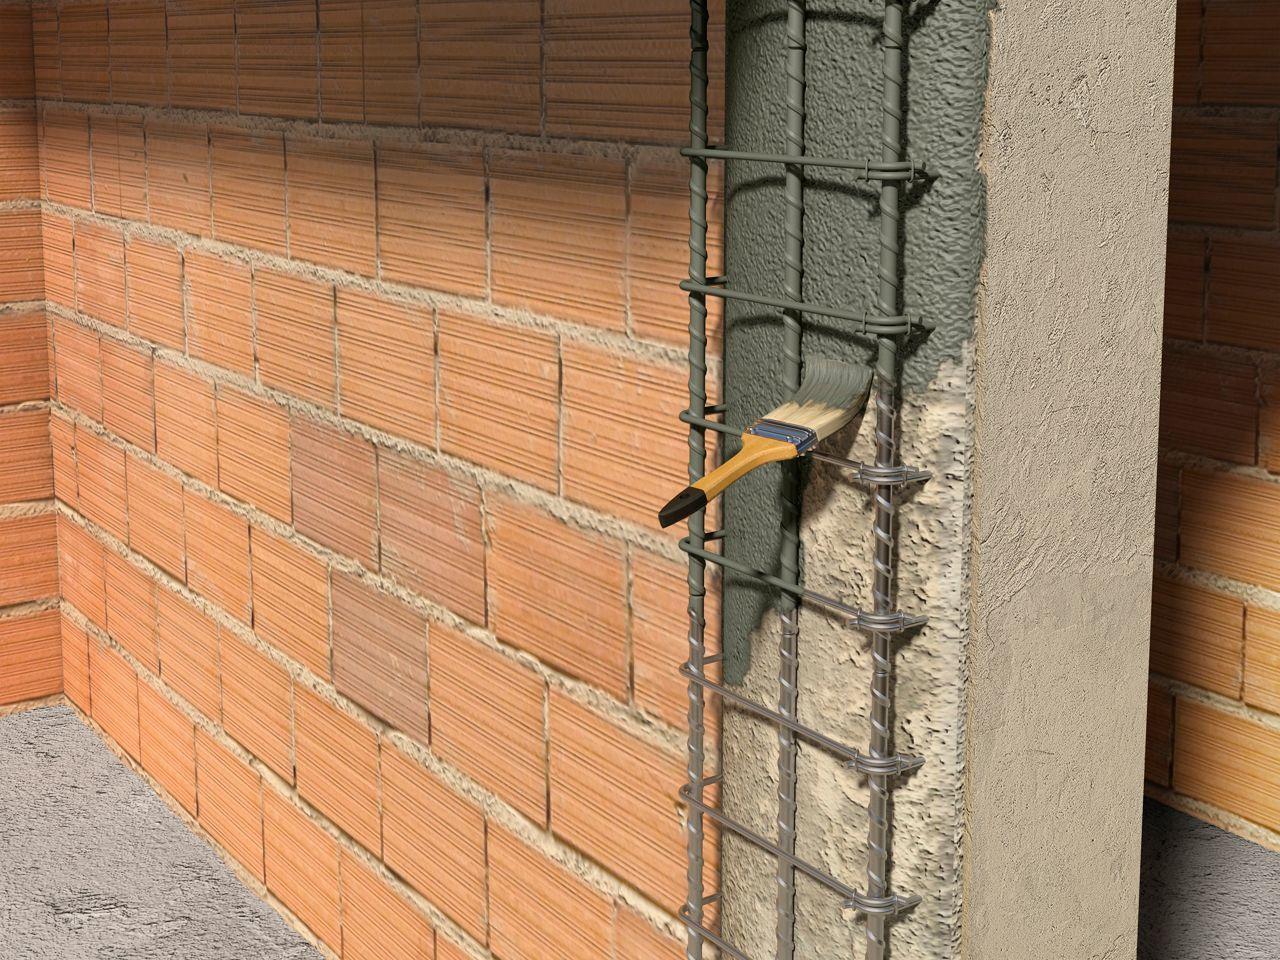 Protección contra la corrosión de refuerzo y cartilla de unión